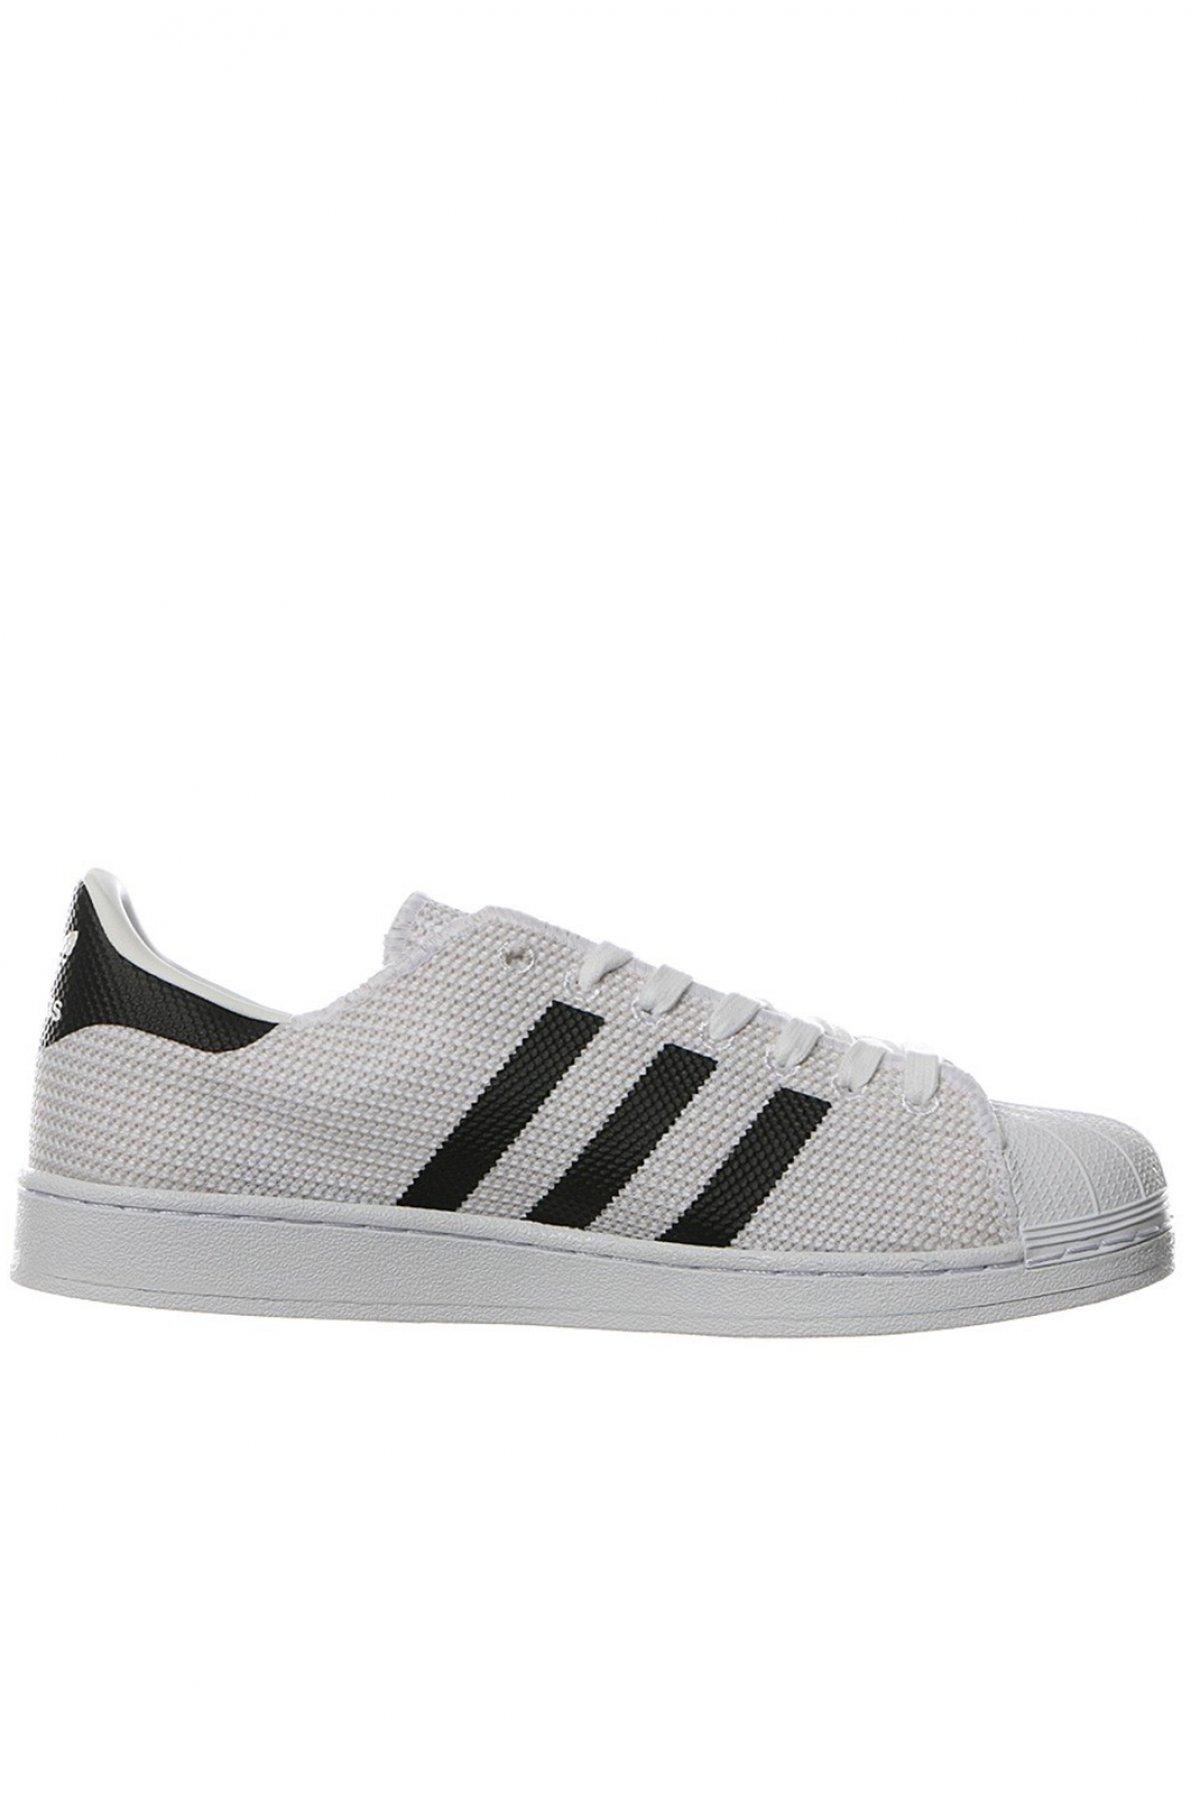 Baskets By8713 Supestar M - Adidas